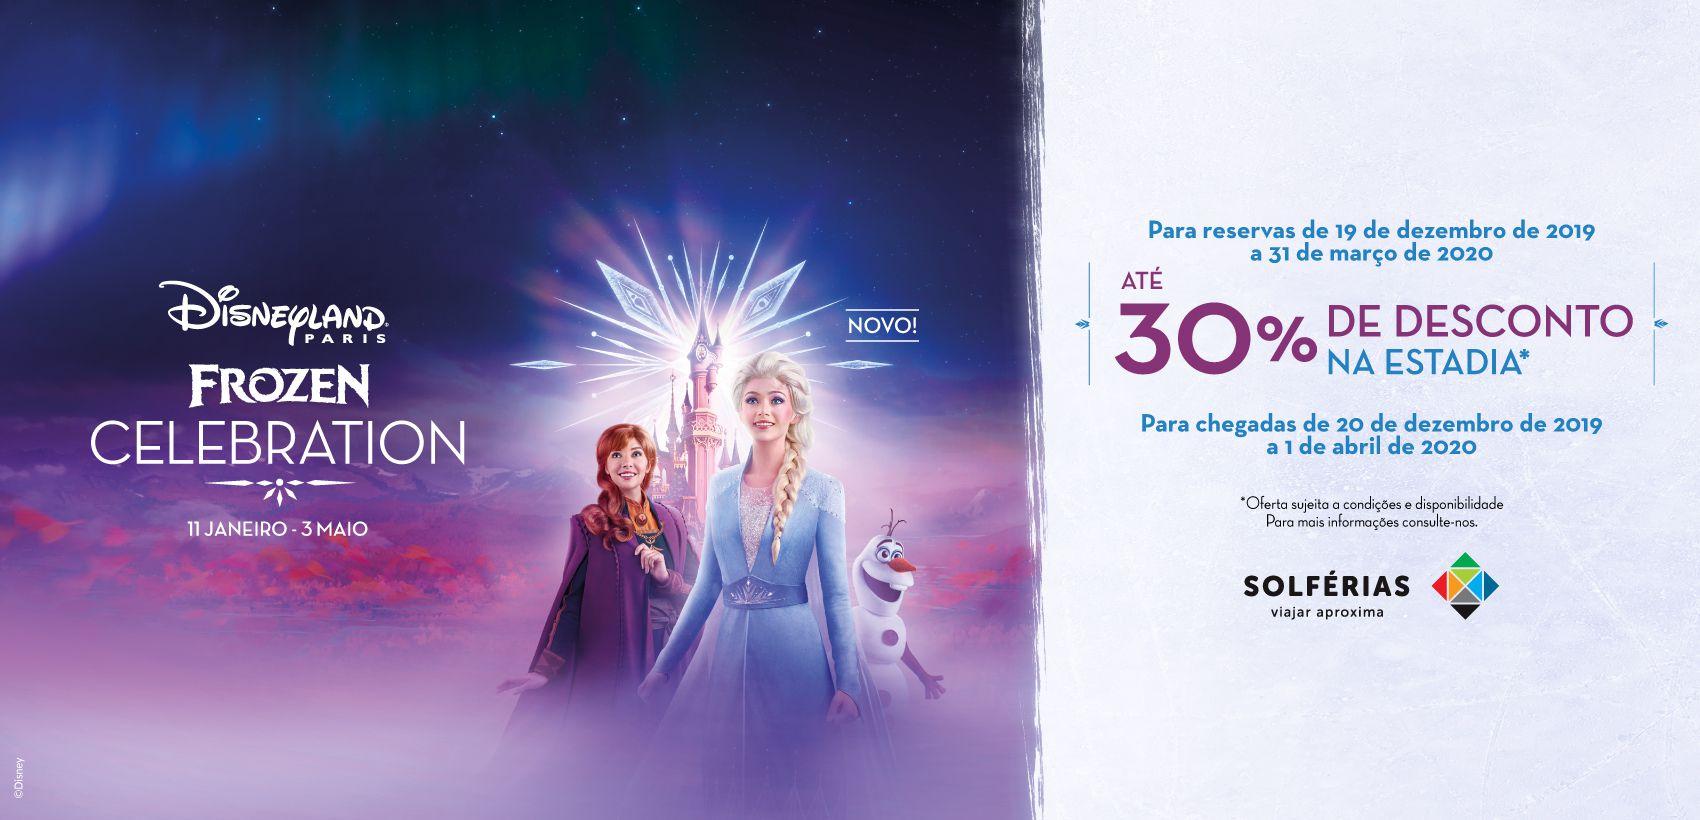 Disneyland®Paris: Alojamento+Entradas (20.12.19 a 01.04.20)